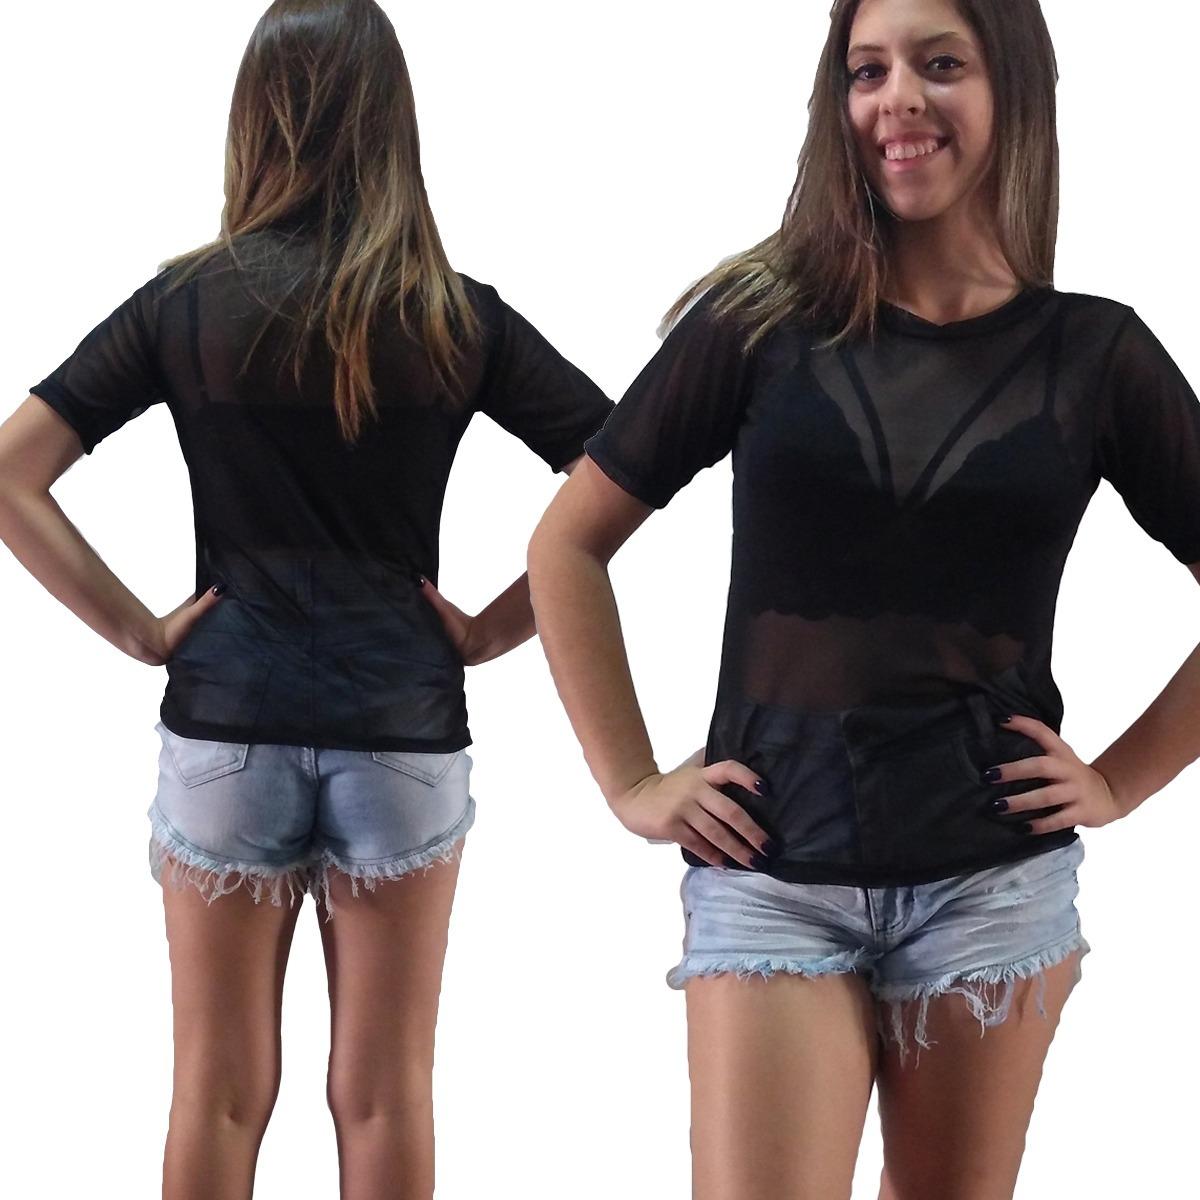 mercado livre  mercadolivre  comprar  blusas femininas  roupas femininas   atacado  varejo 3bf0b0d051d8b